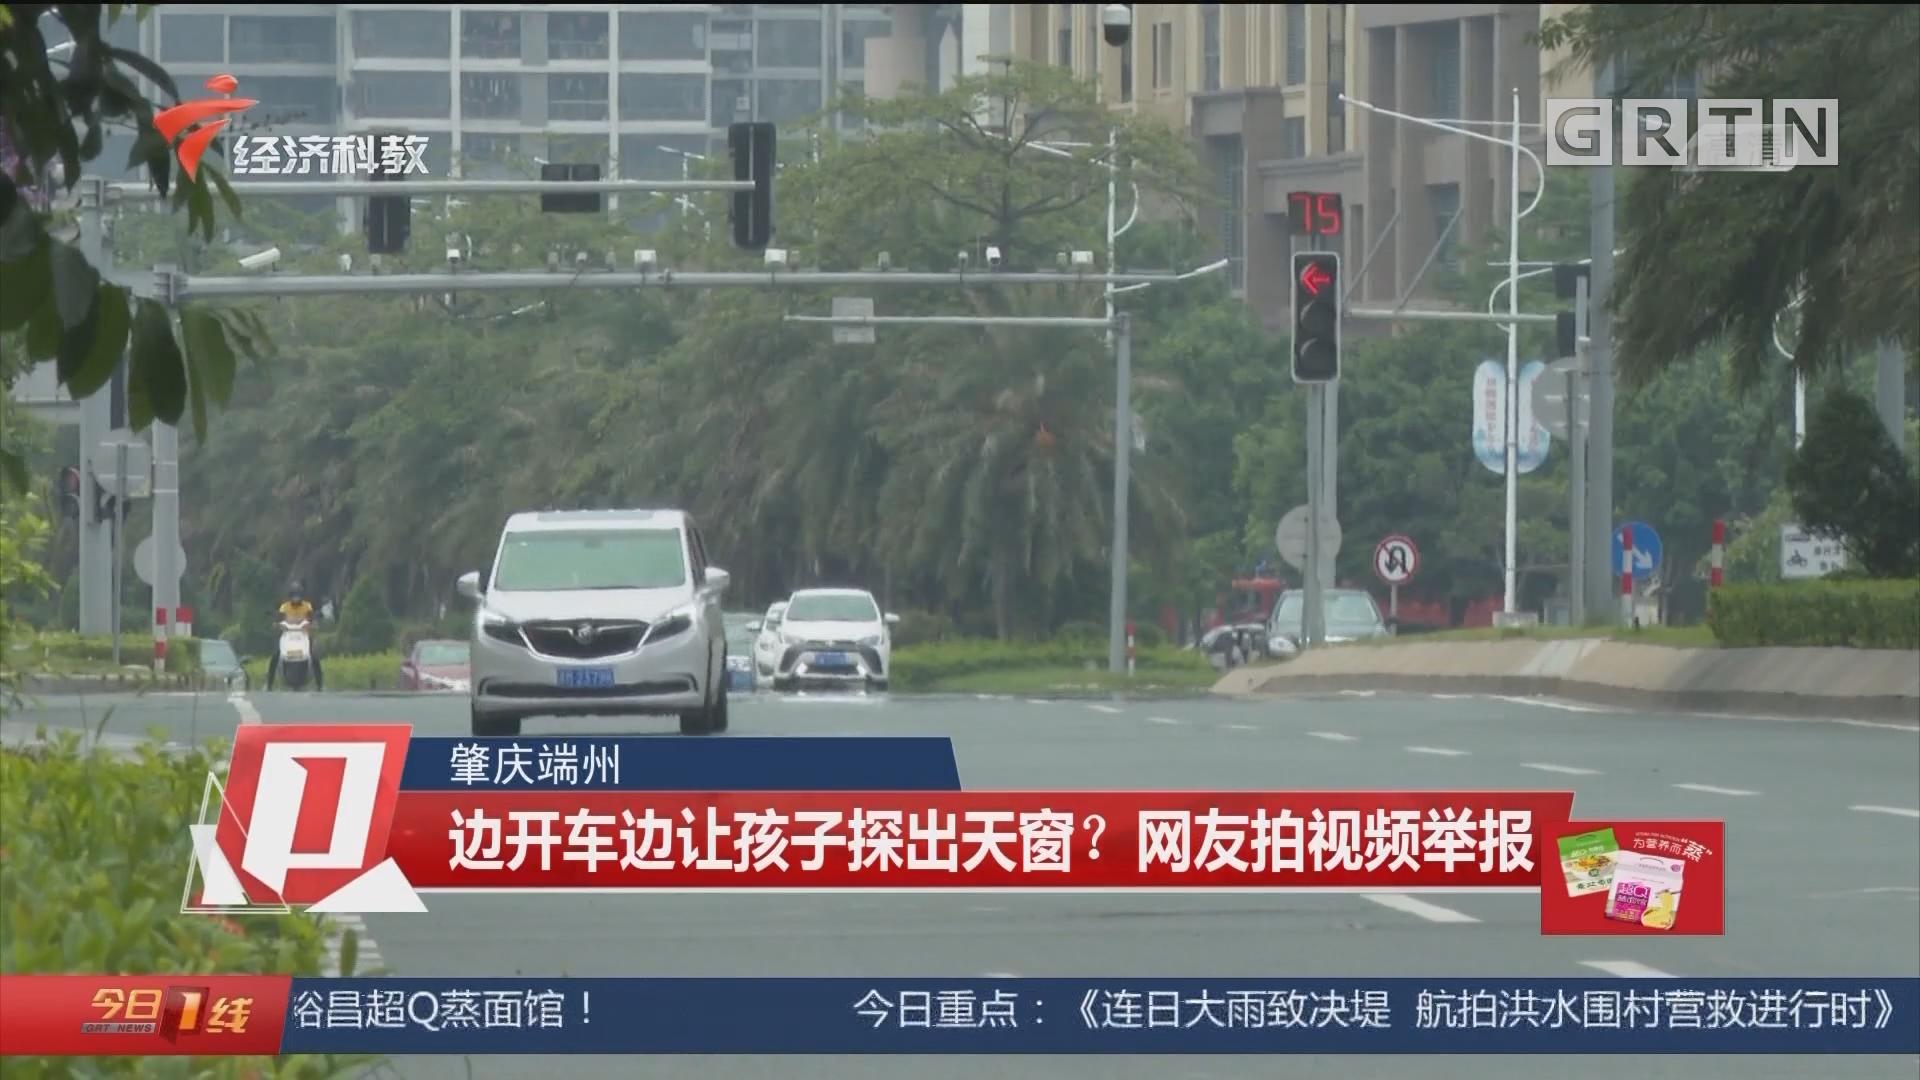 肇庆端州 边开车边让孩子探出天窗?网友拍视频举报